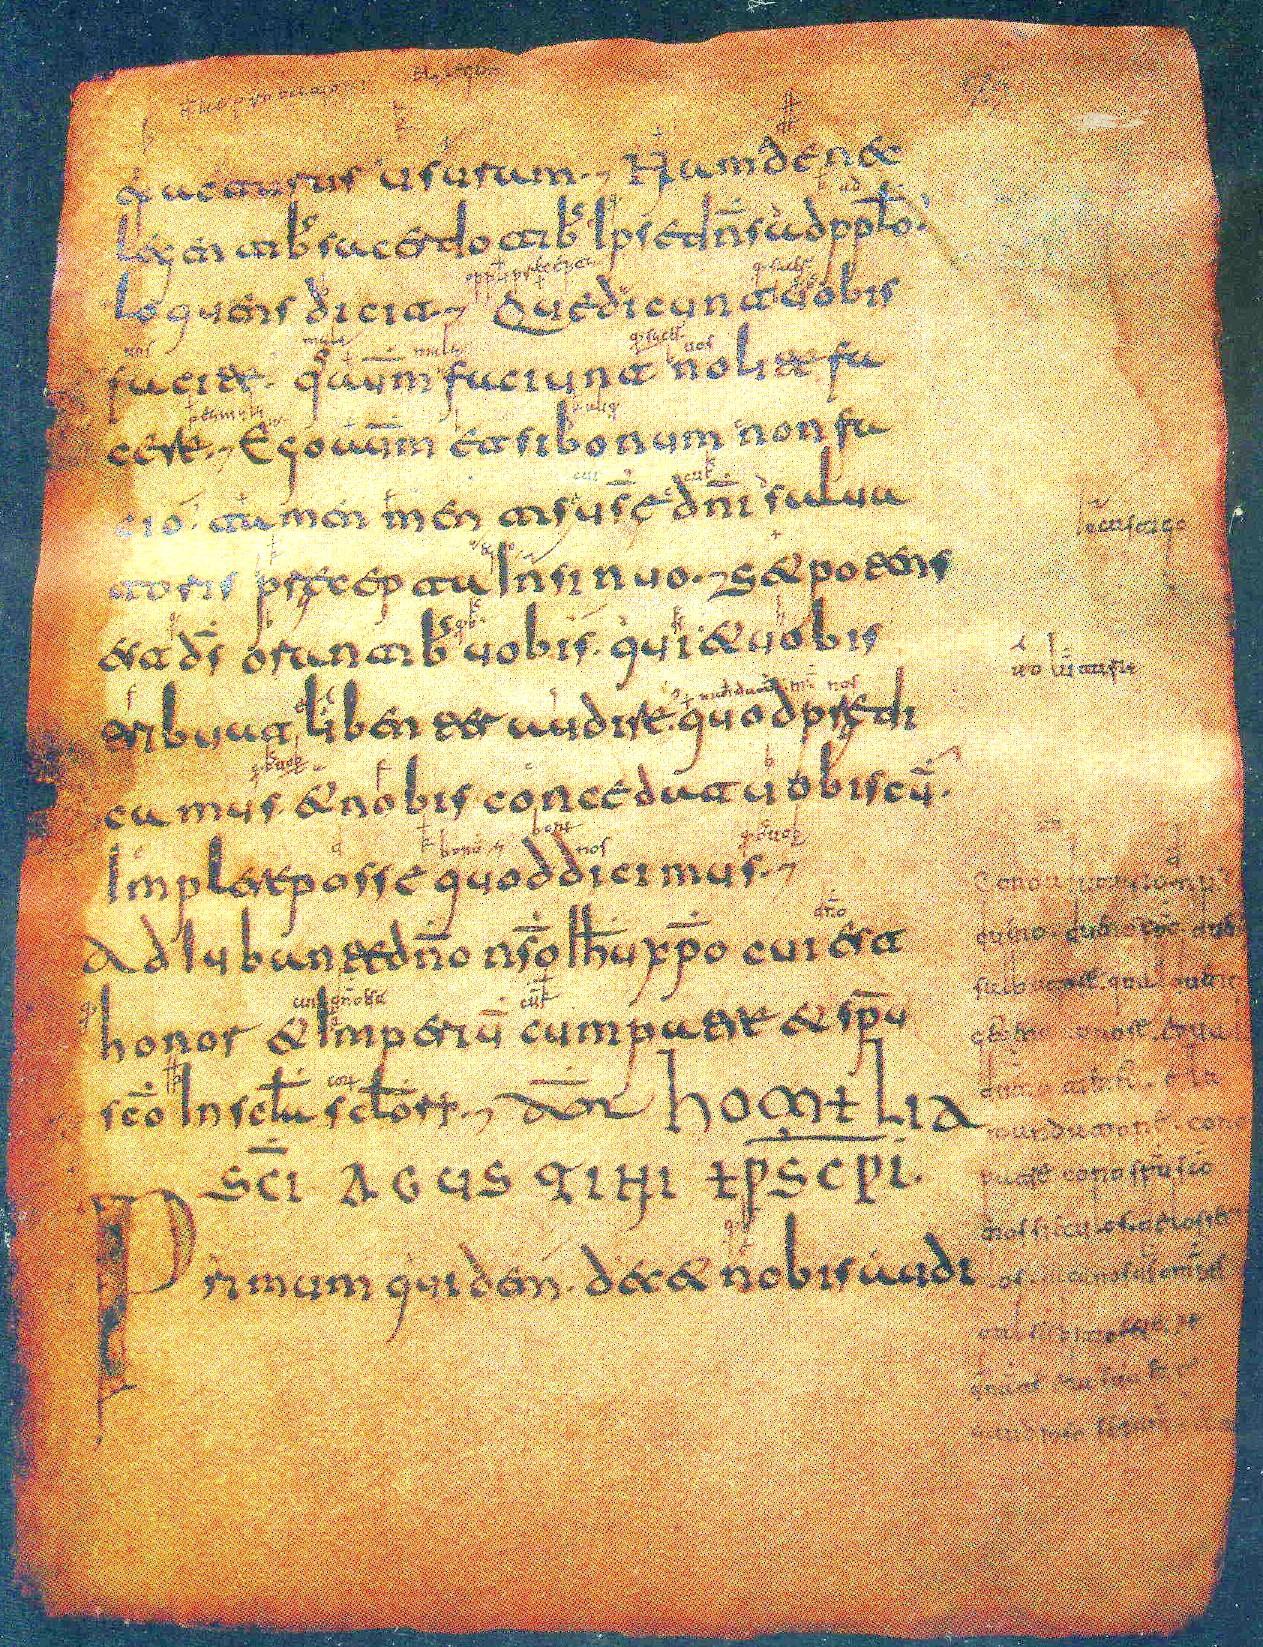 Donemiliagako Glosak Wikipedia Entziklopedia Askea